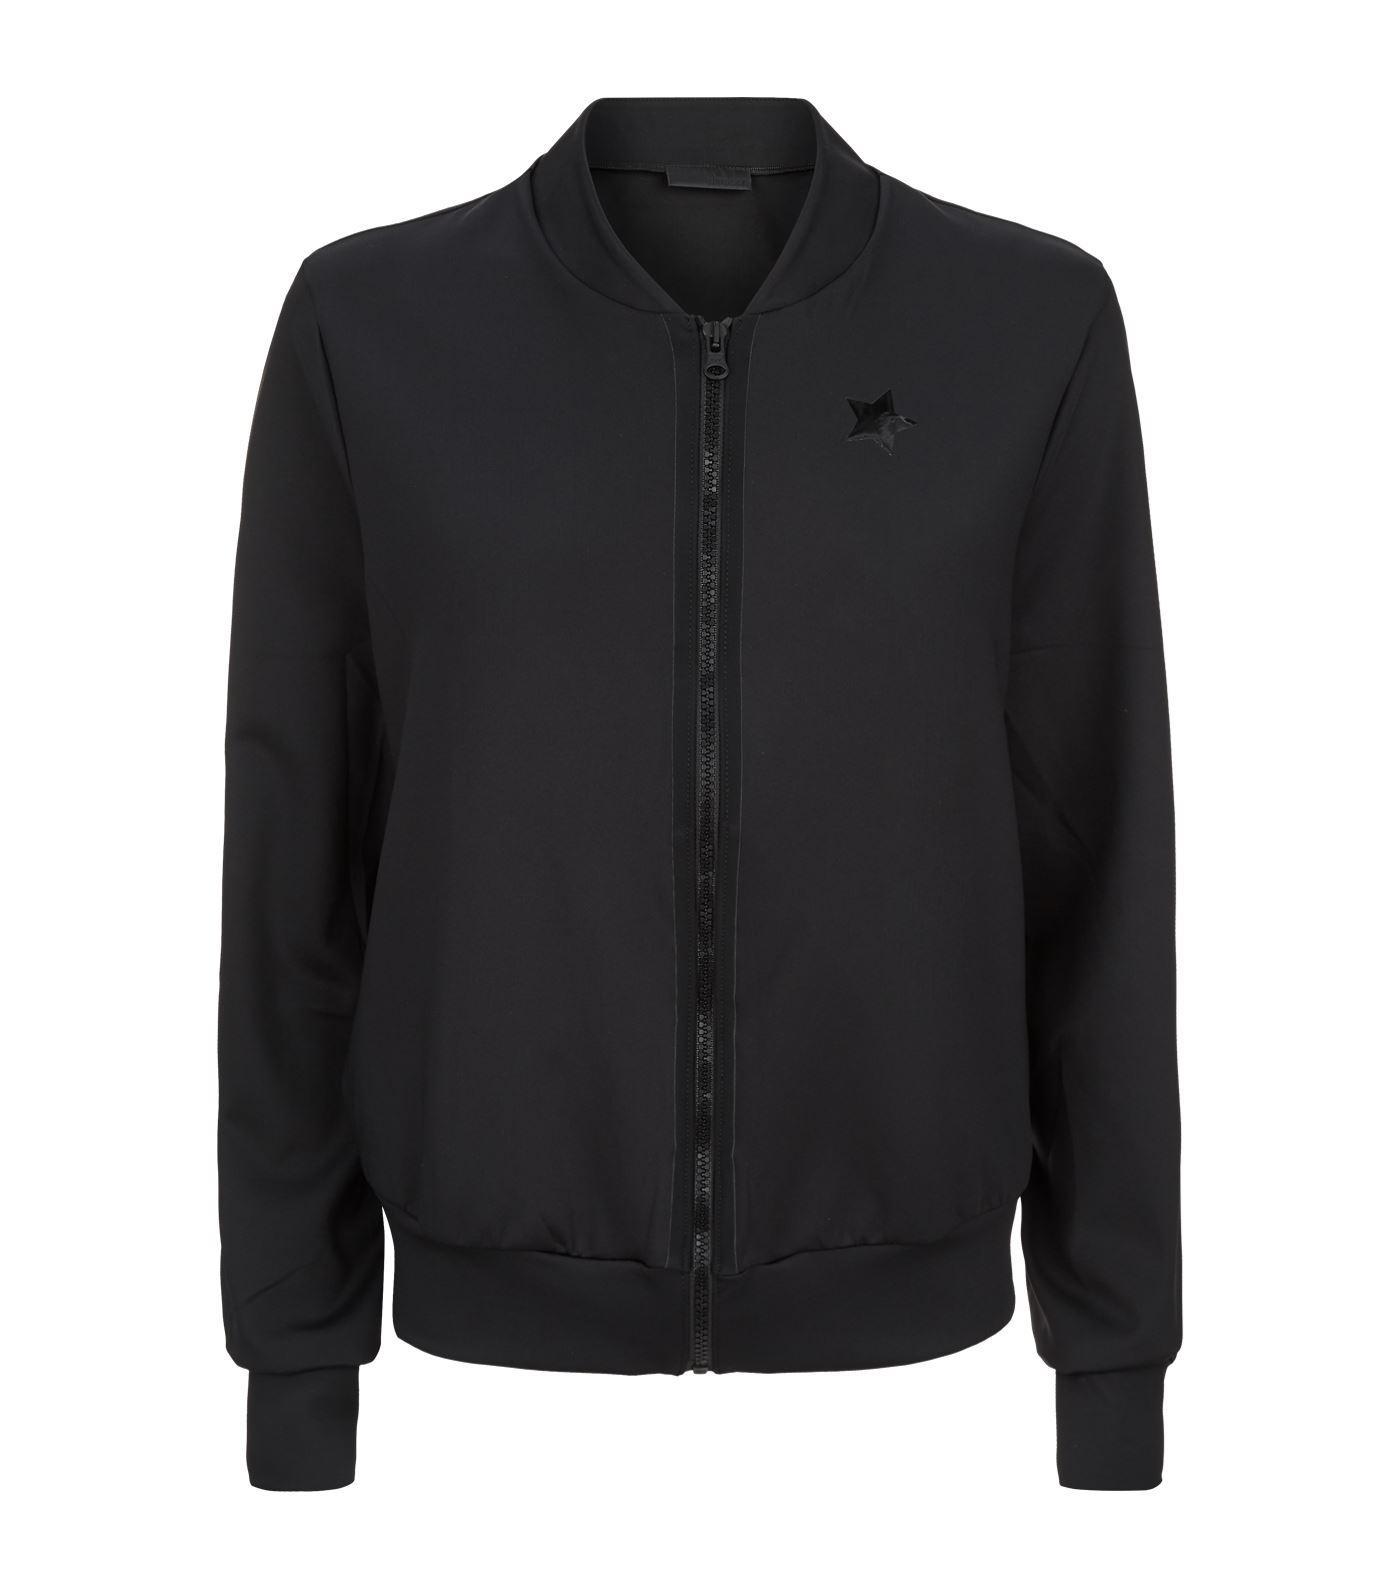 Ultracor Satin Bomber Jacket In Black